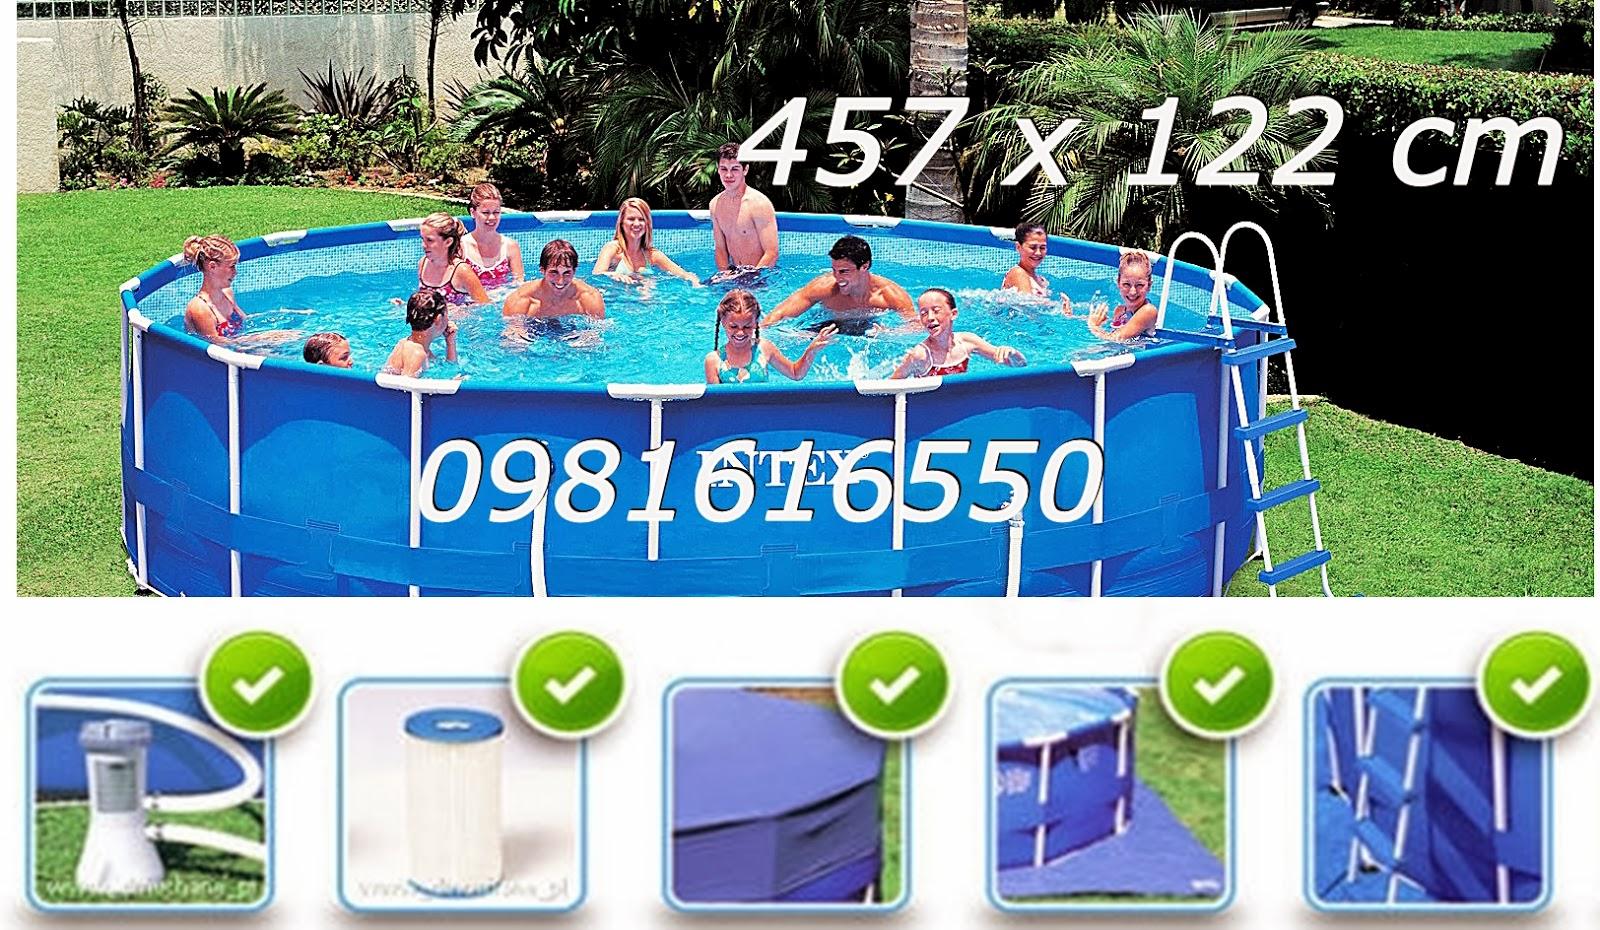 Paraguay regalos piscinas - Cubre piscinas intex ...